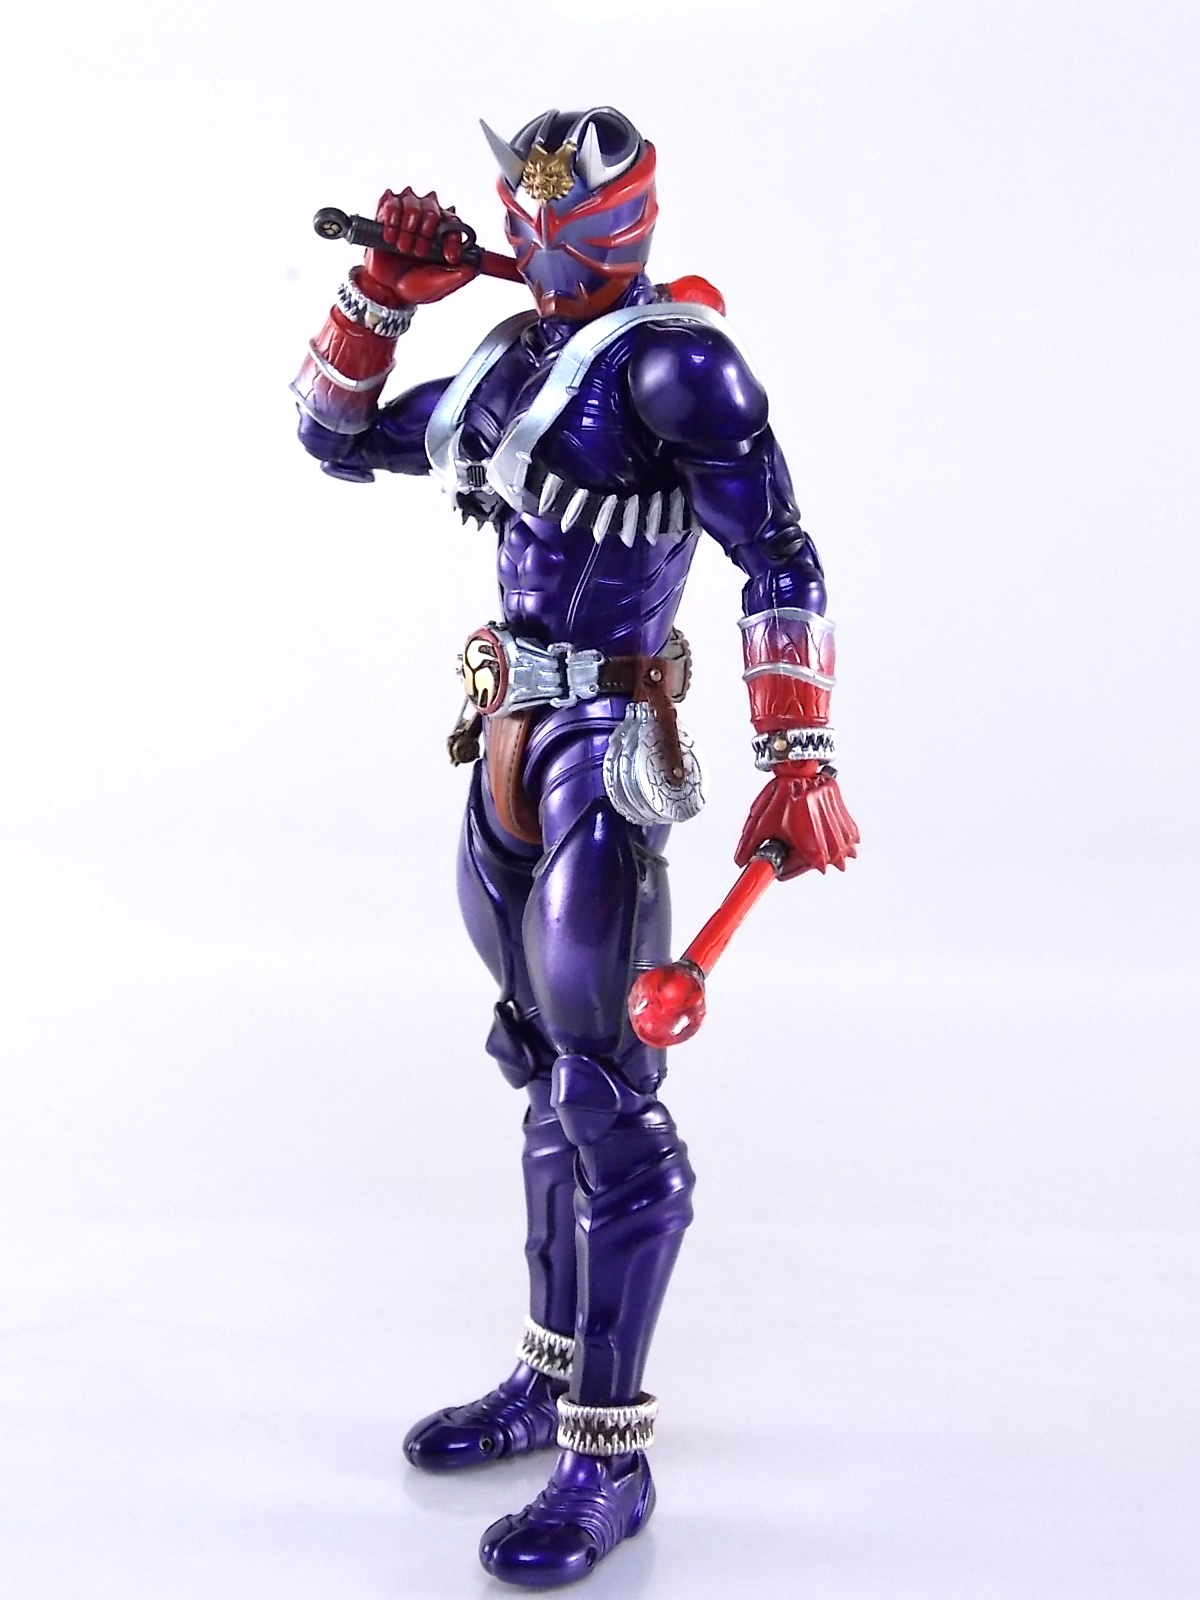 S H Figuarts Kamen Rider Hibiki Gallery Tokunation